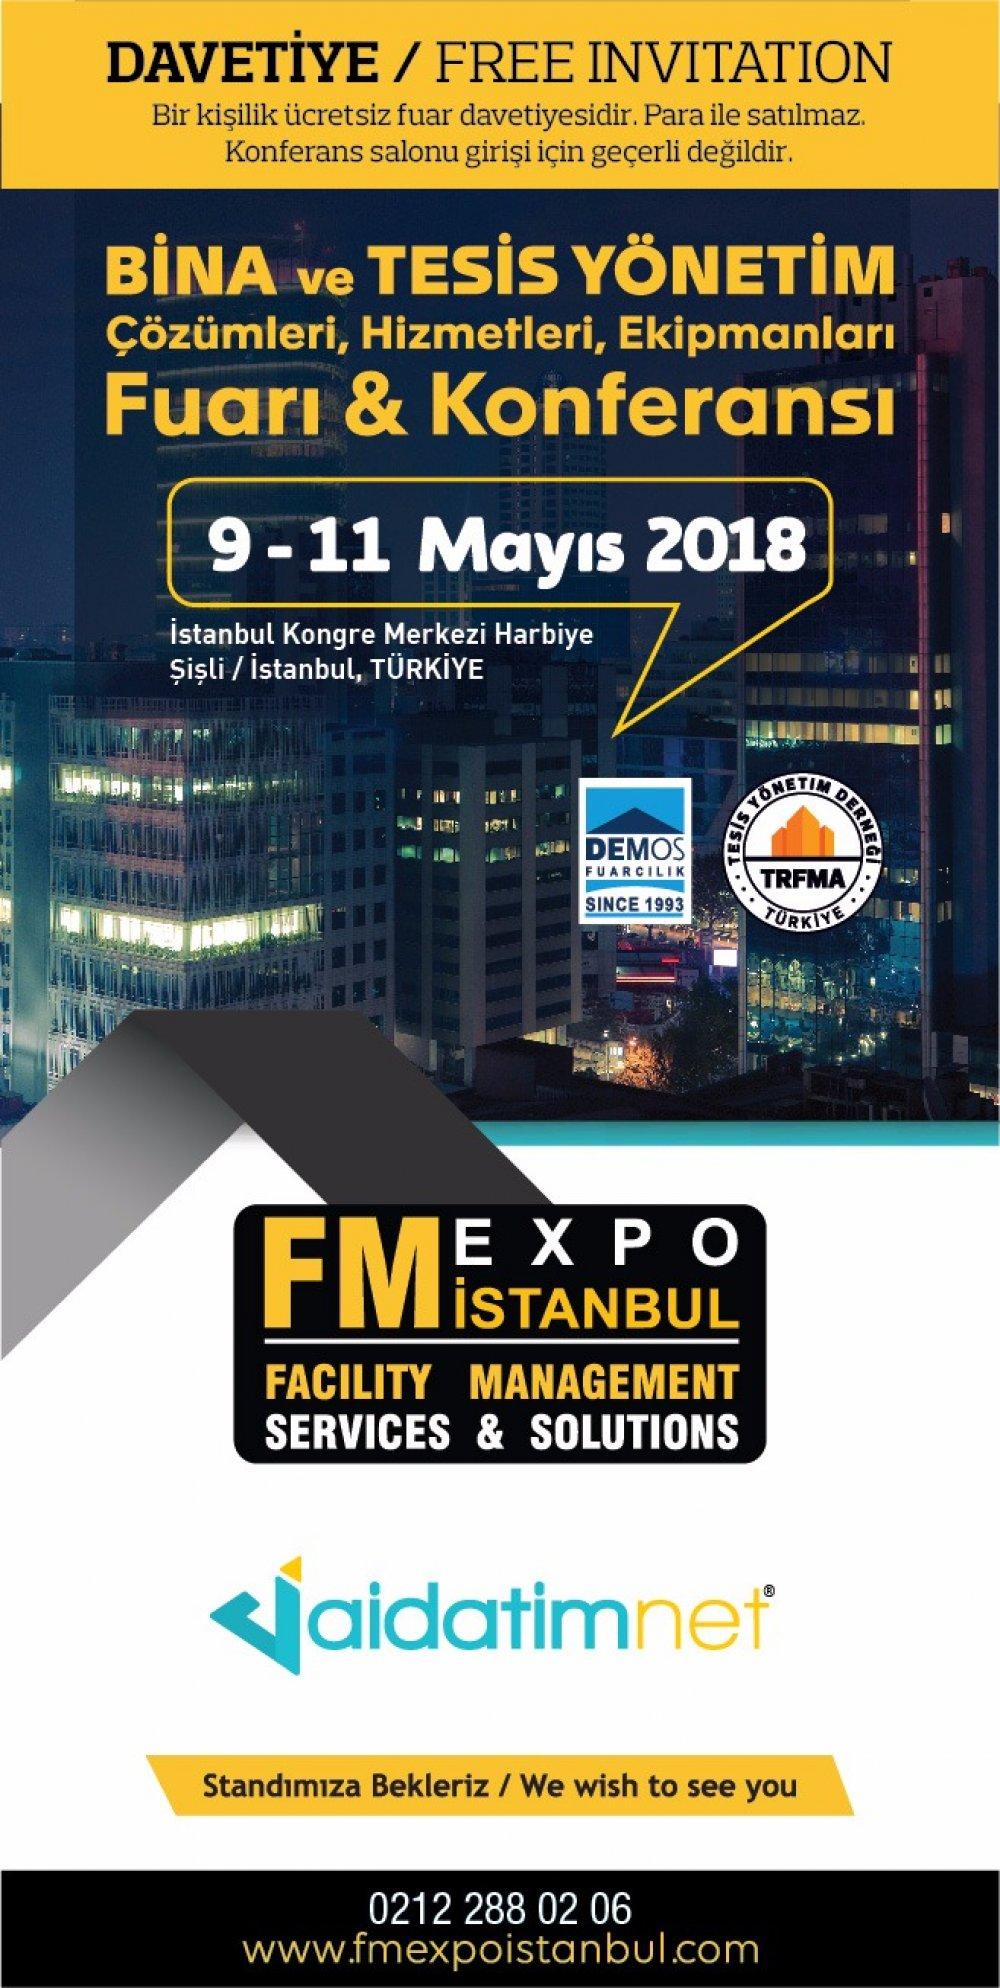 İstanbul Kongre Merkezinde BİNA ve TESİS YÖNETİM Çözümleri, Hizmetleri, Ekipmanları Fuarı & Konferansındayız.